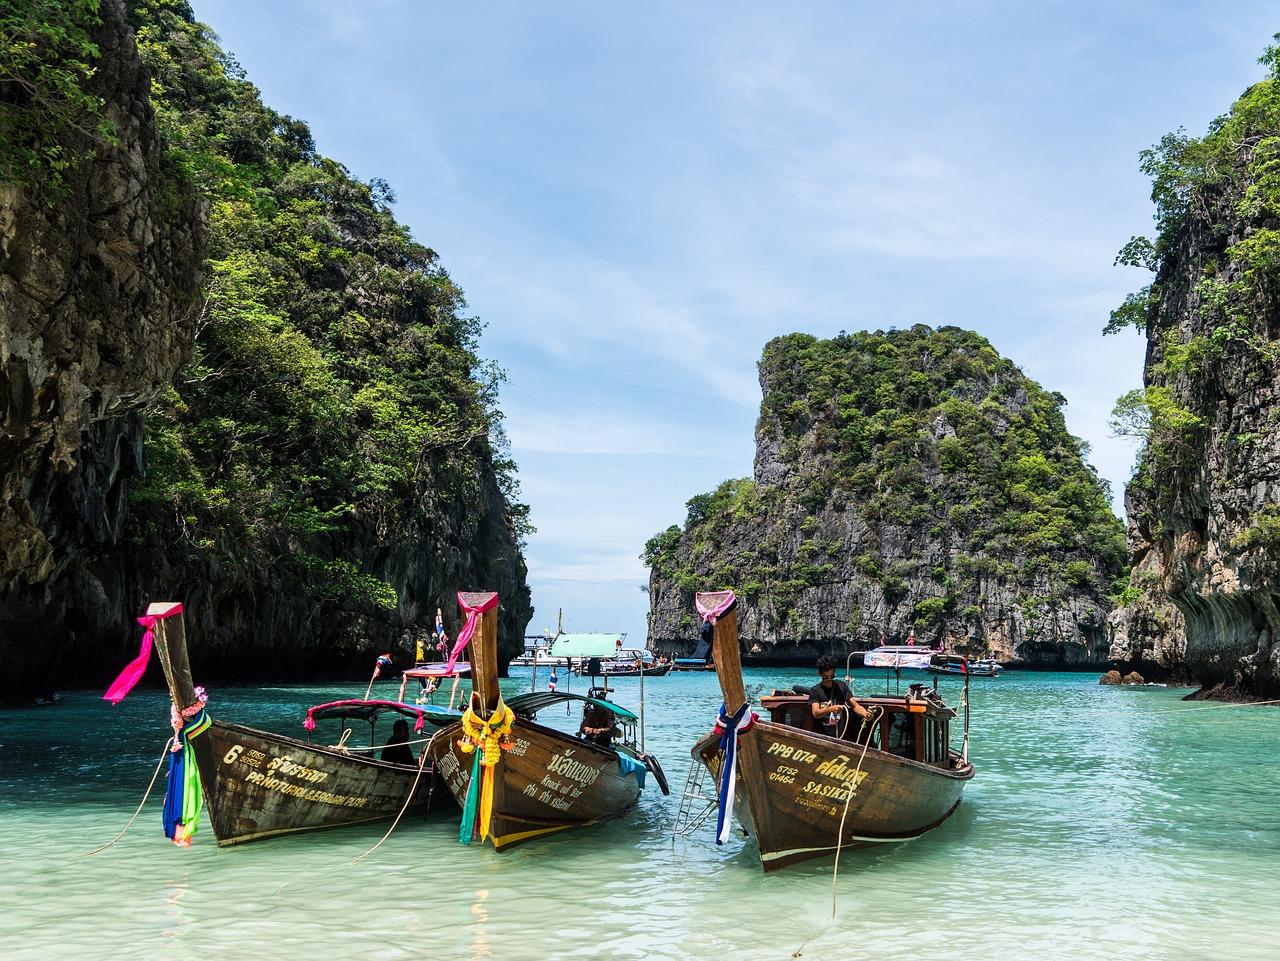 черта данного таиланд пхукет фотографии этому удается